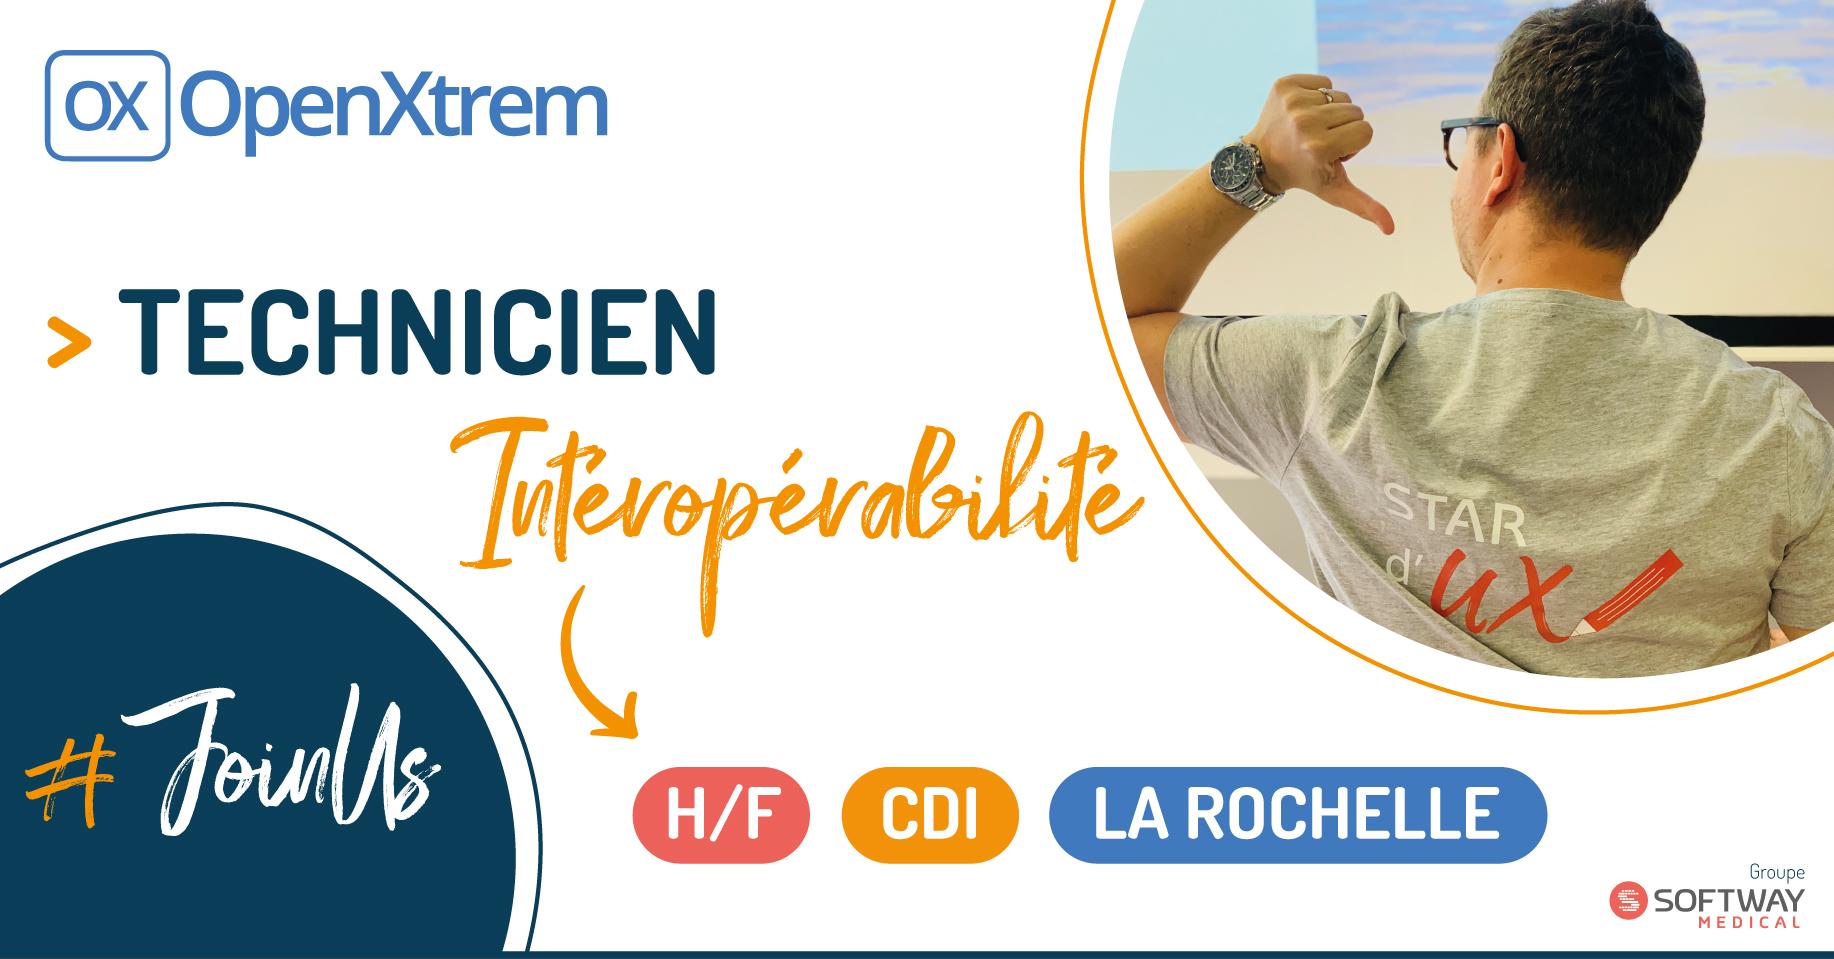 TECHNICIEN INTEROPERABILITE – H/F – La Rochelle